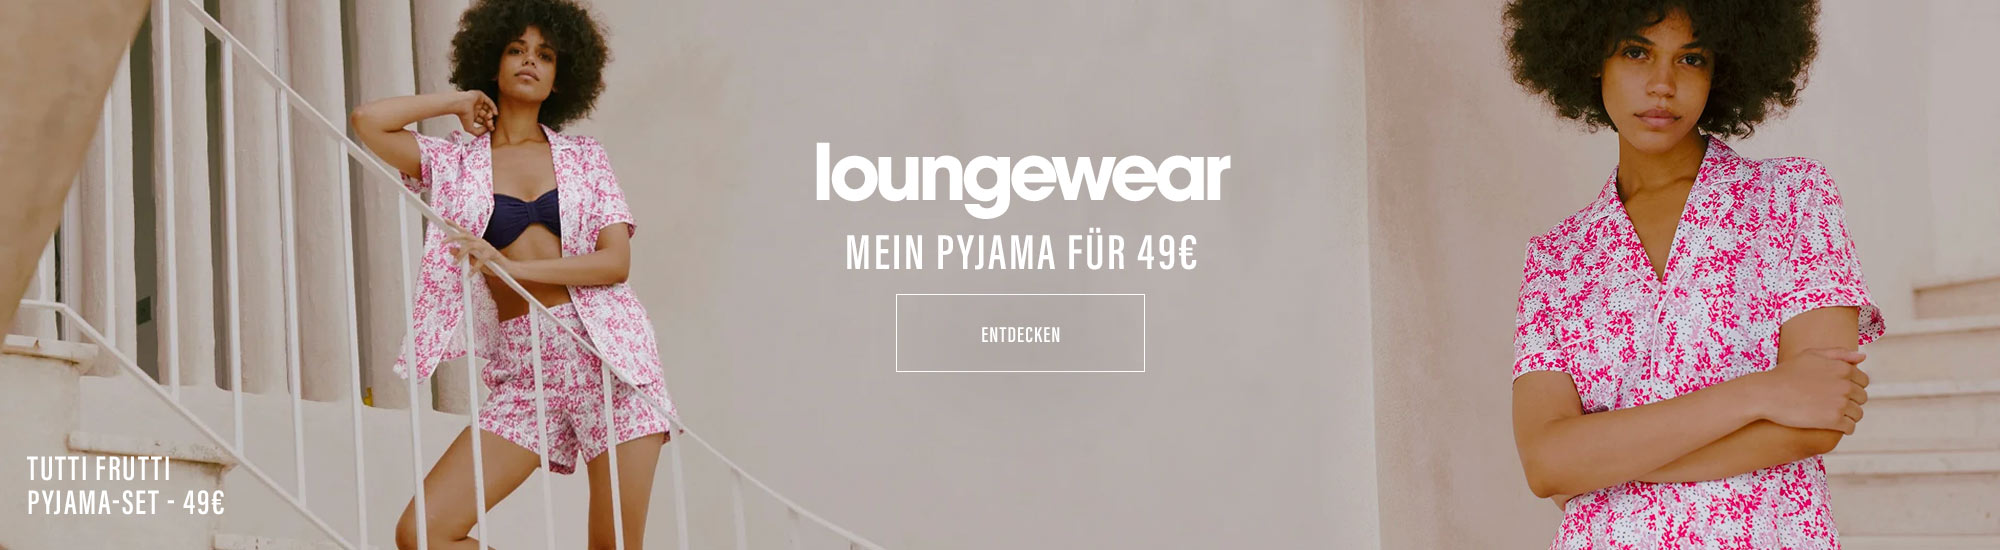 Tutti Frutti - Mein Pyjama für 49€